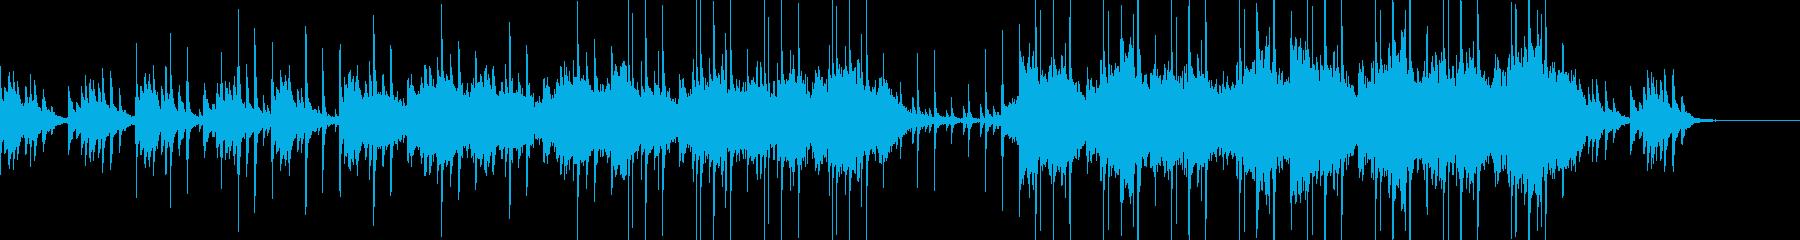 カントリー アンビエント 民謡 ほ...の再生済みの波形